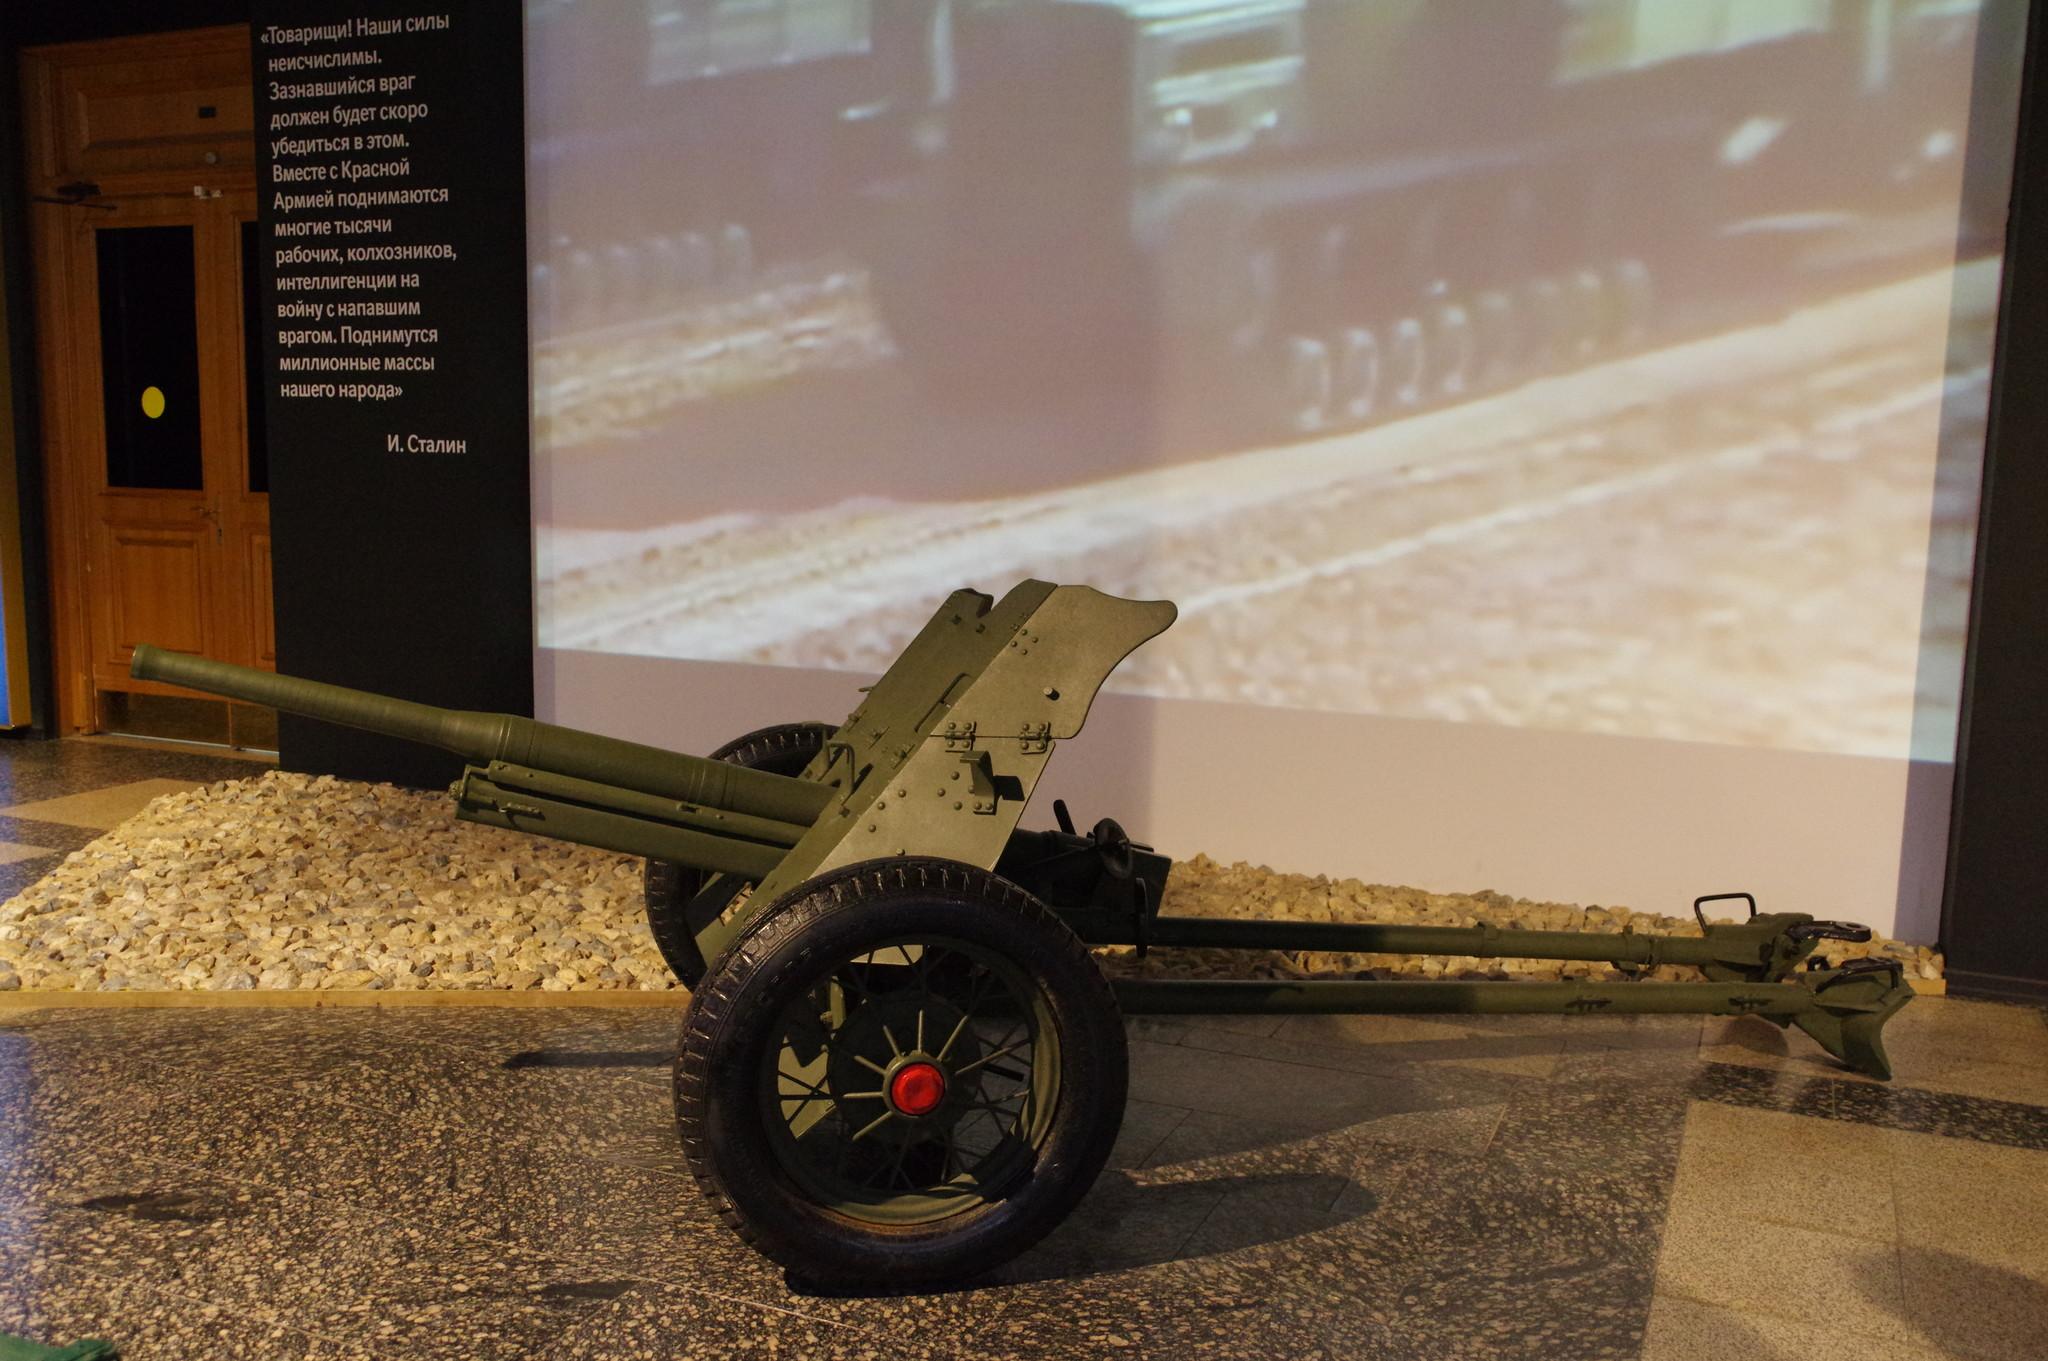 45-мм противотанковая пушка в экспозиции Музея Победы